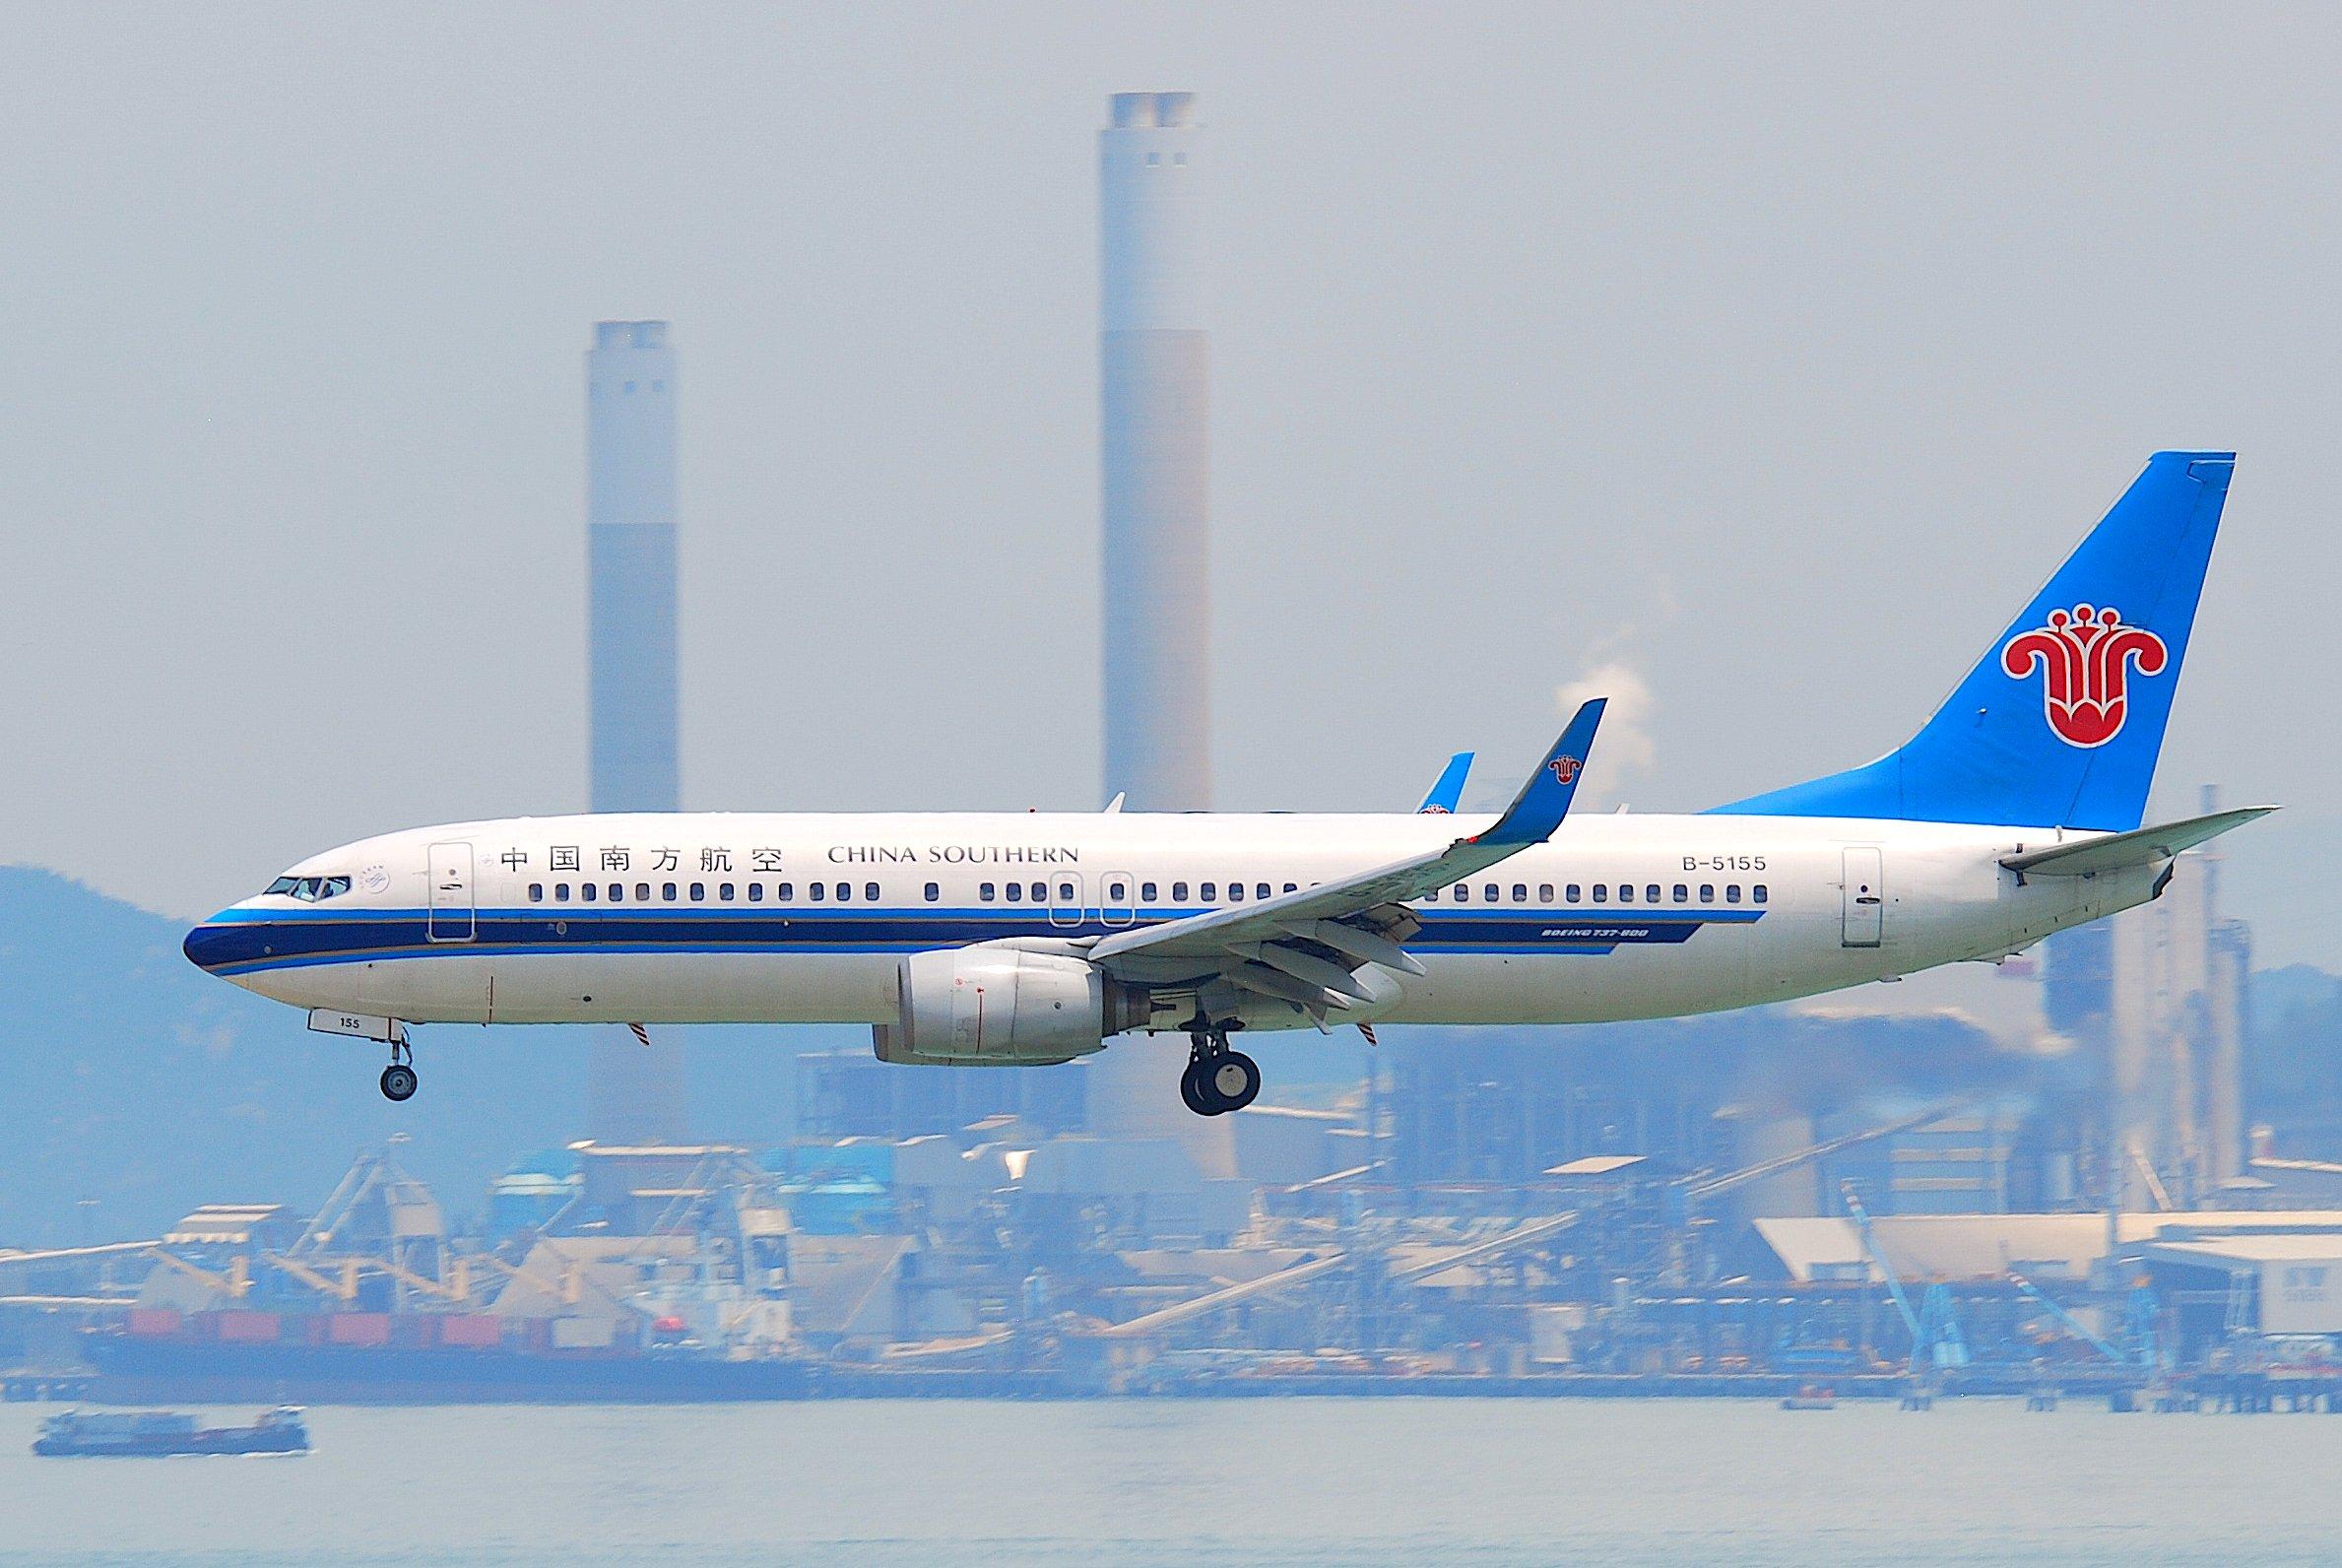 네덜란드 학생이라면 중국남방항공 수하물 2개가 무료